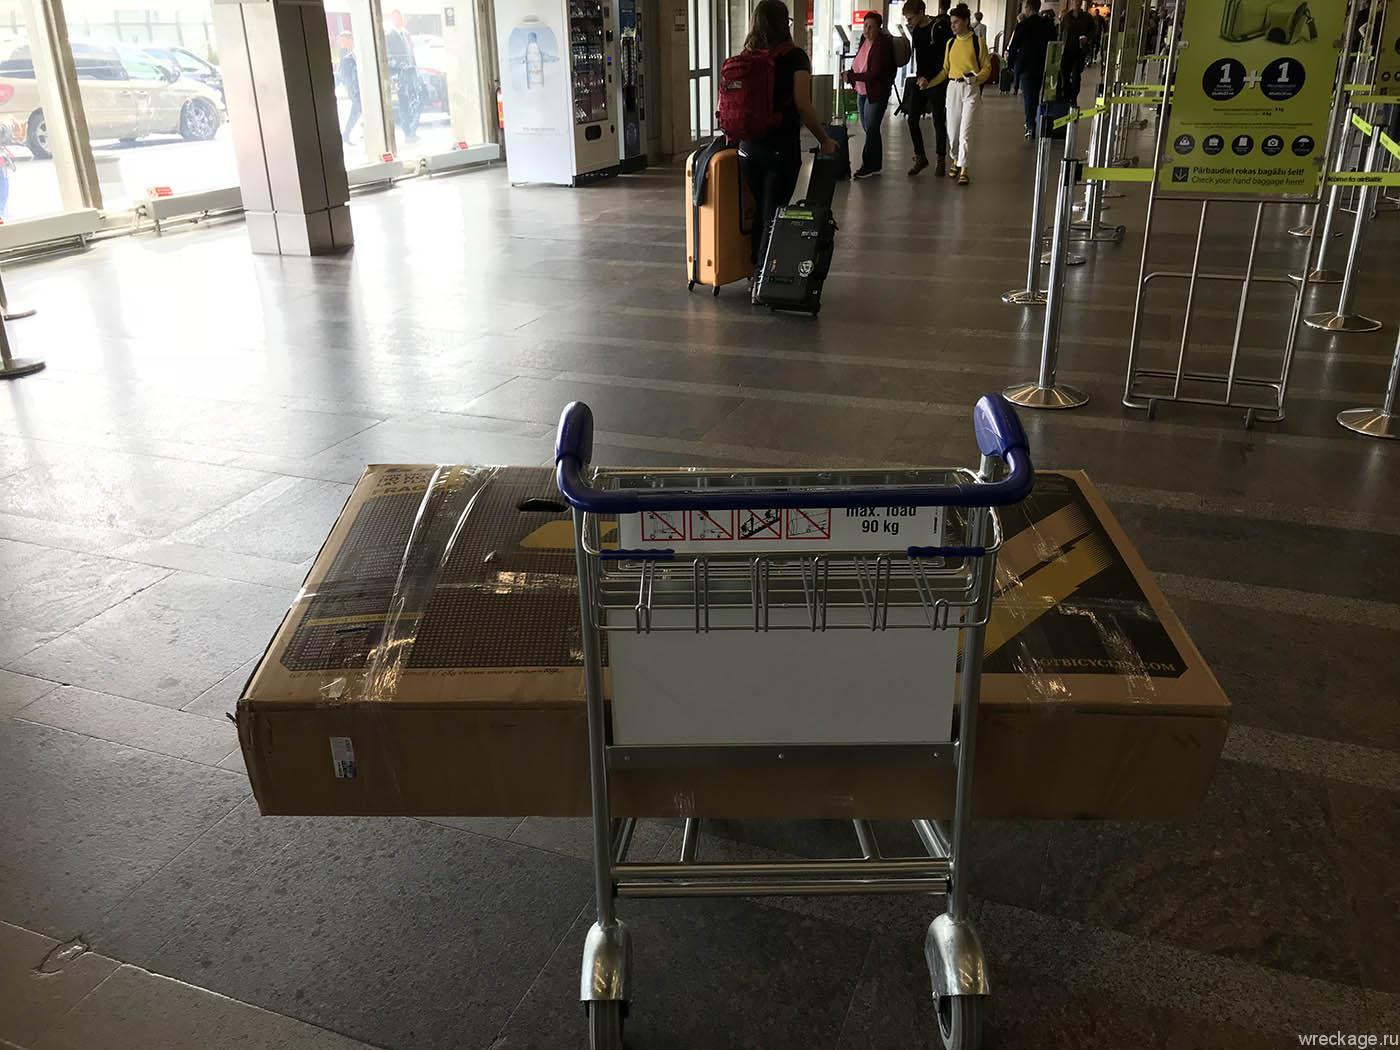 Как сдать велосипед в коробке в самолёт